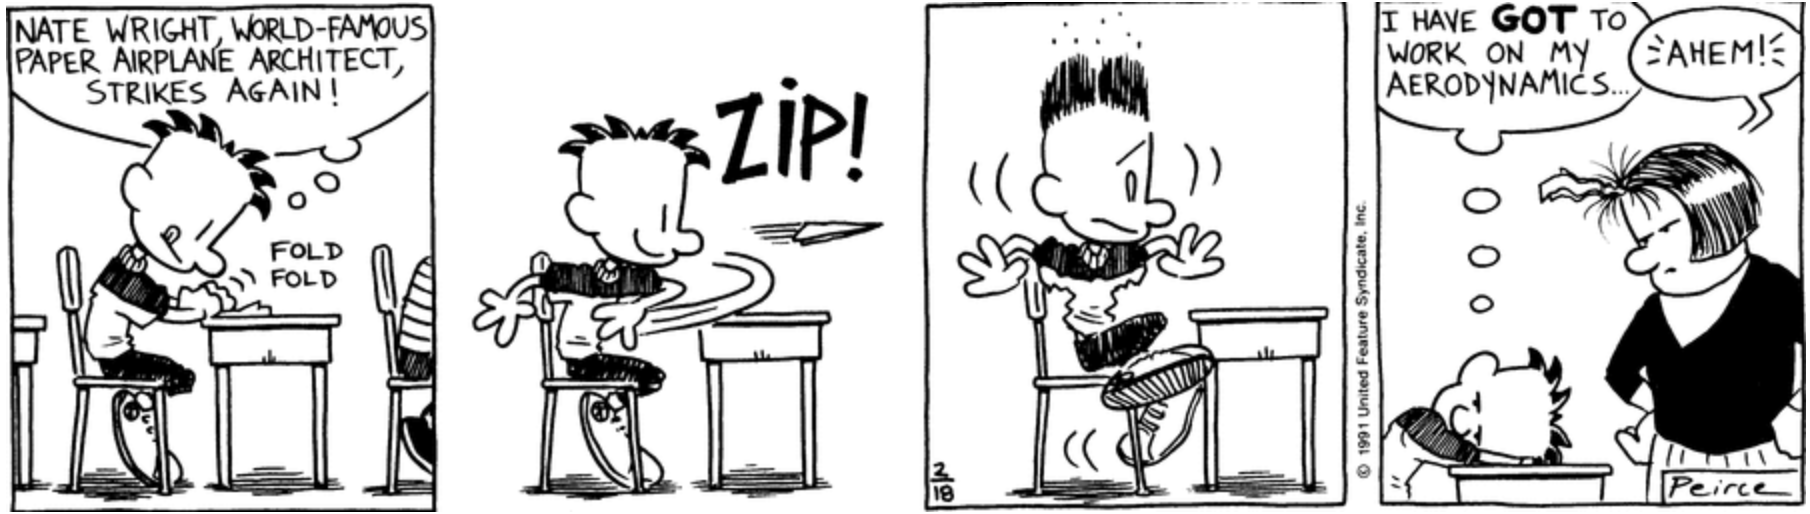 Comic Strip: February 18, 1991